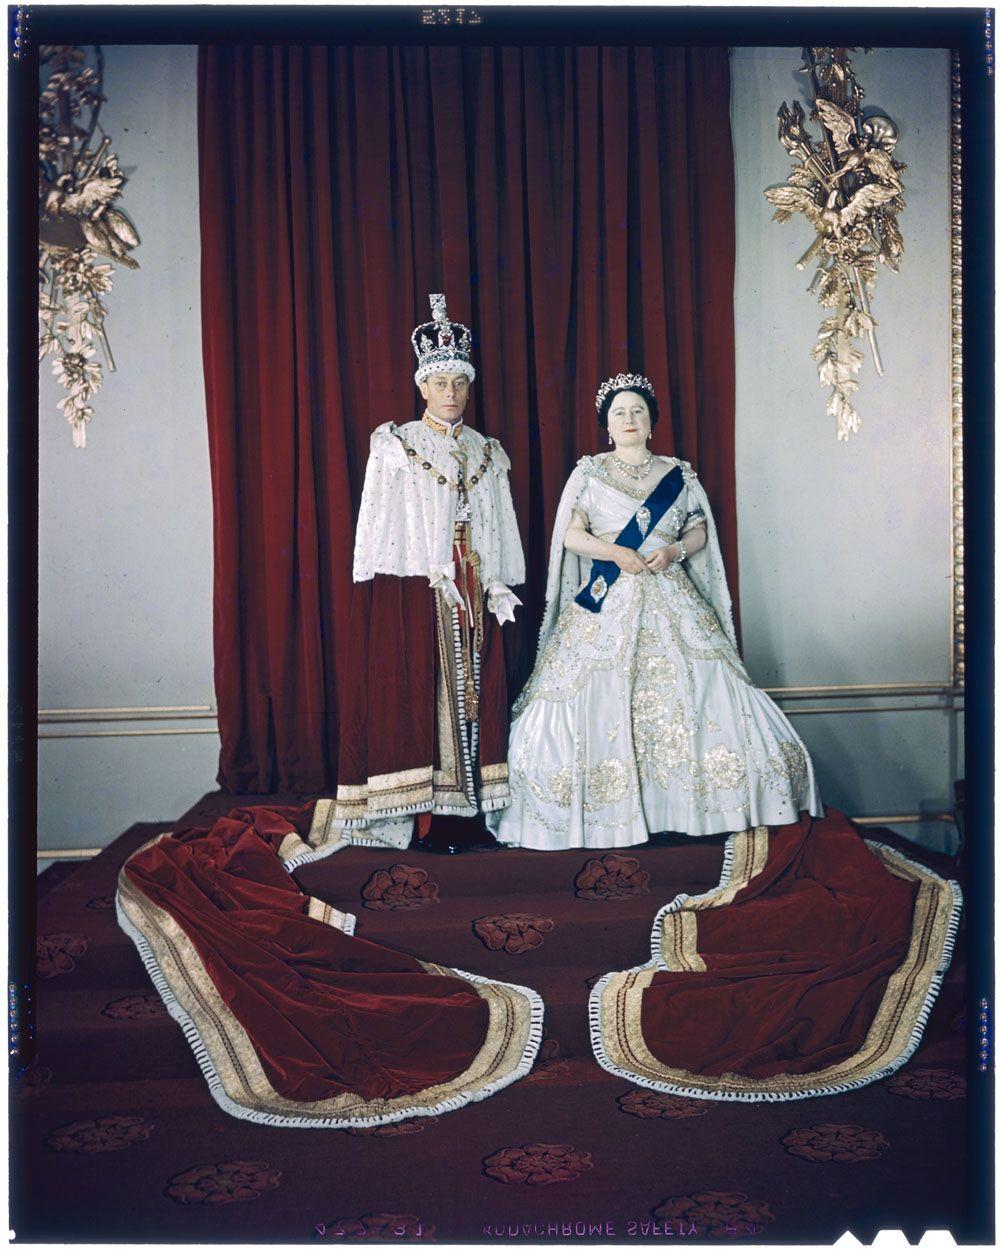 King VI and Queen Elizabeth, 1950 Queen elizabeth